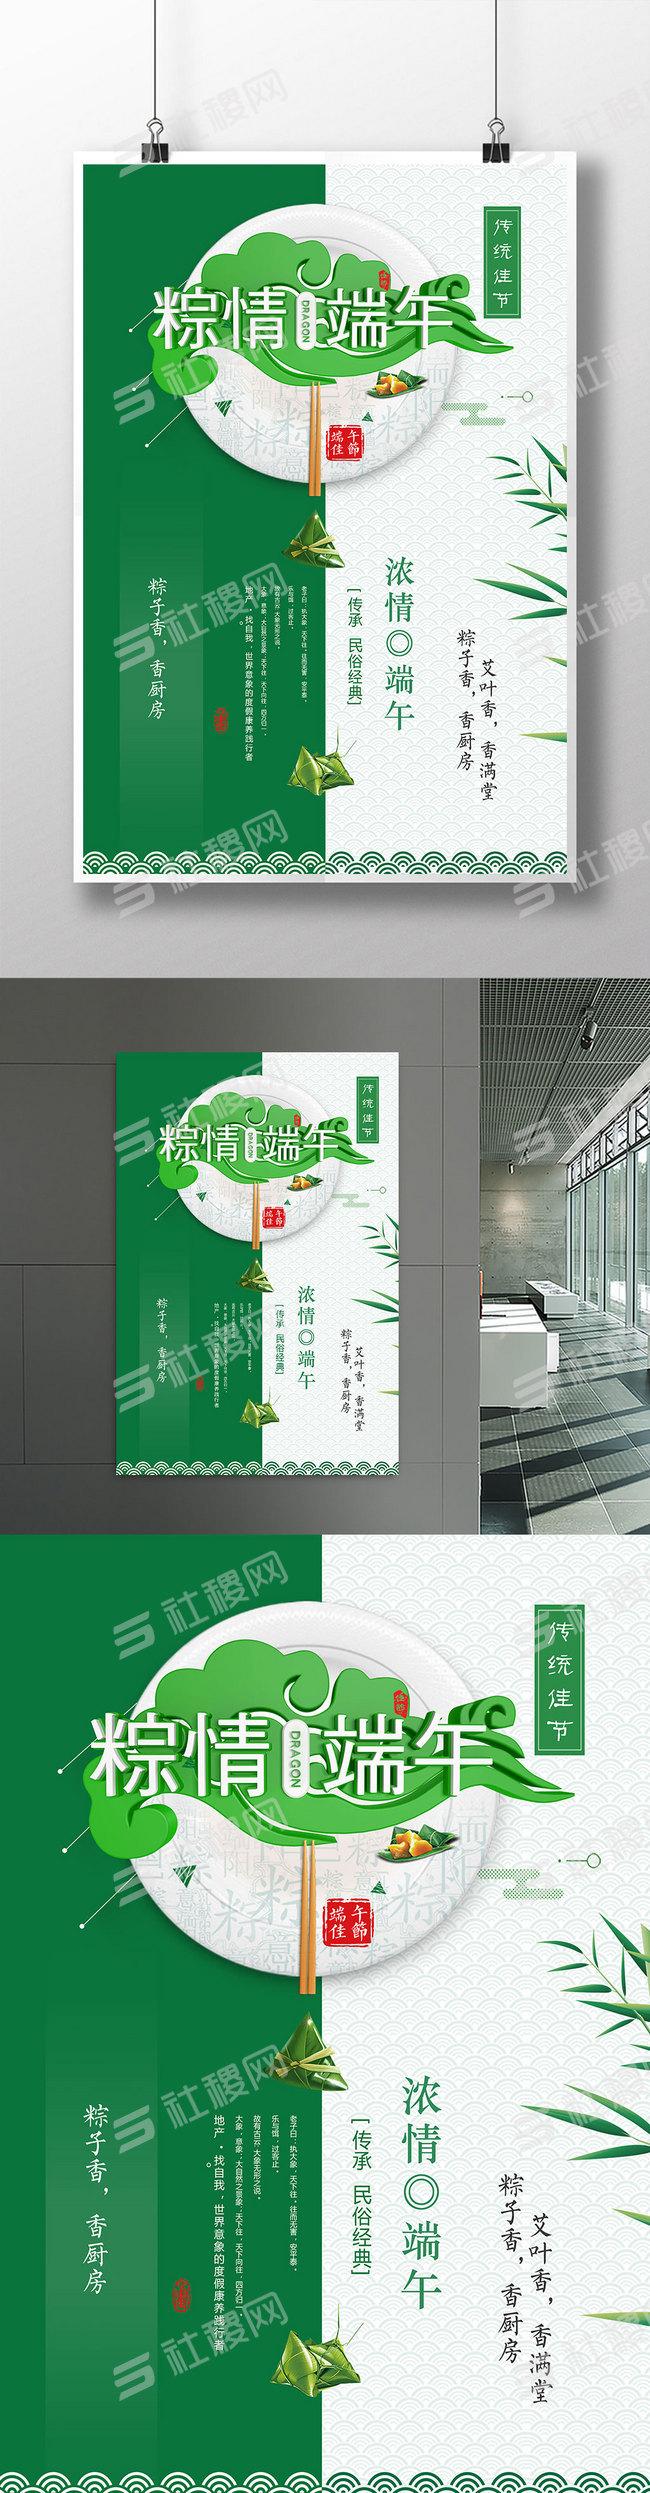 清新卡通端午节龙舟海报